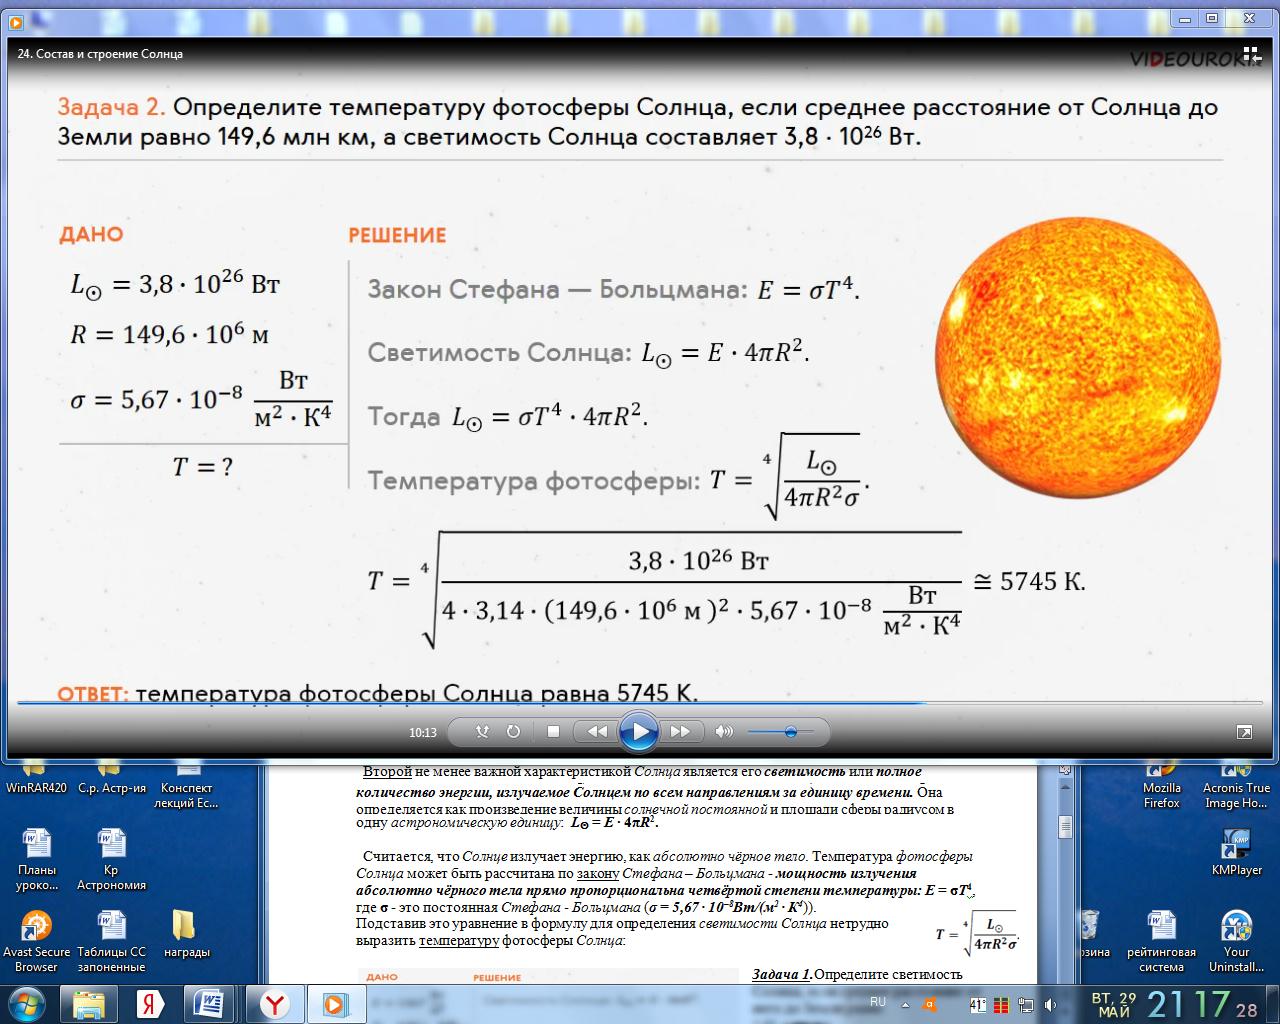 Единица измерения температуры фотосферы